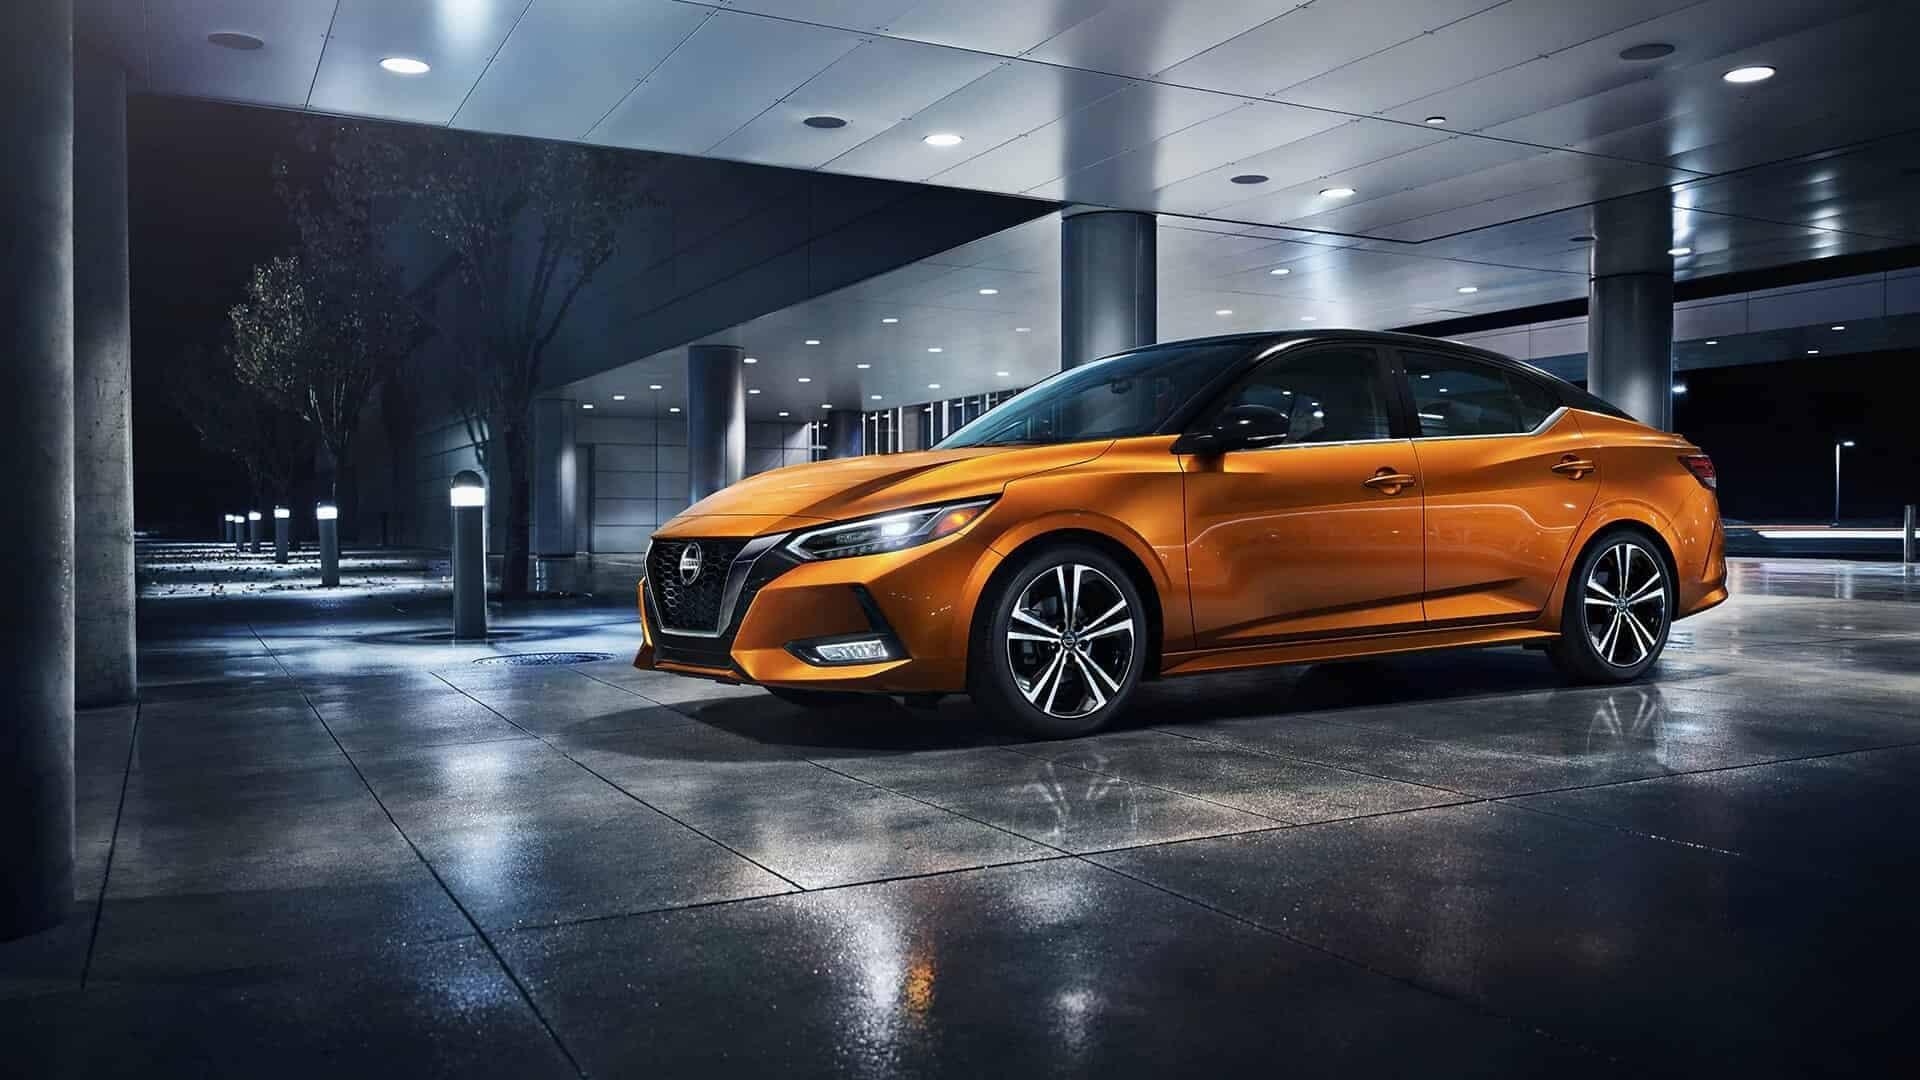 2020 Nissan Sentra quotes in San Antonio TX